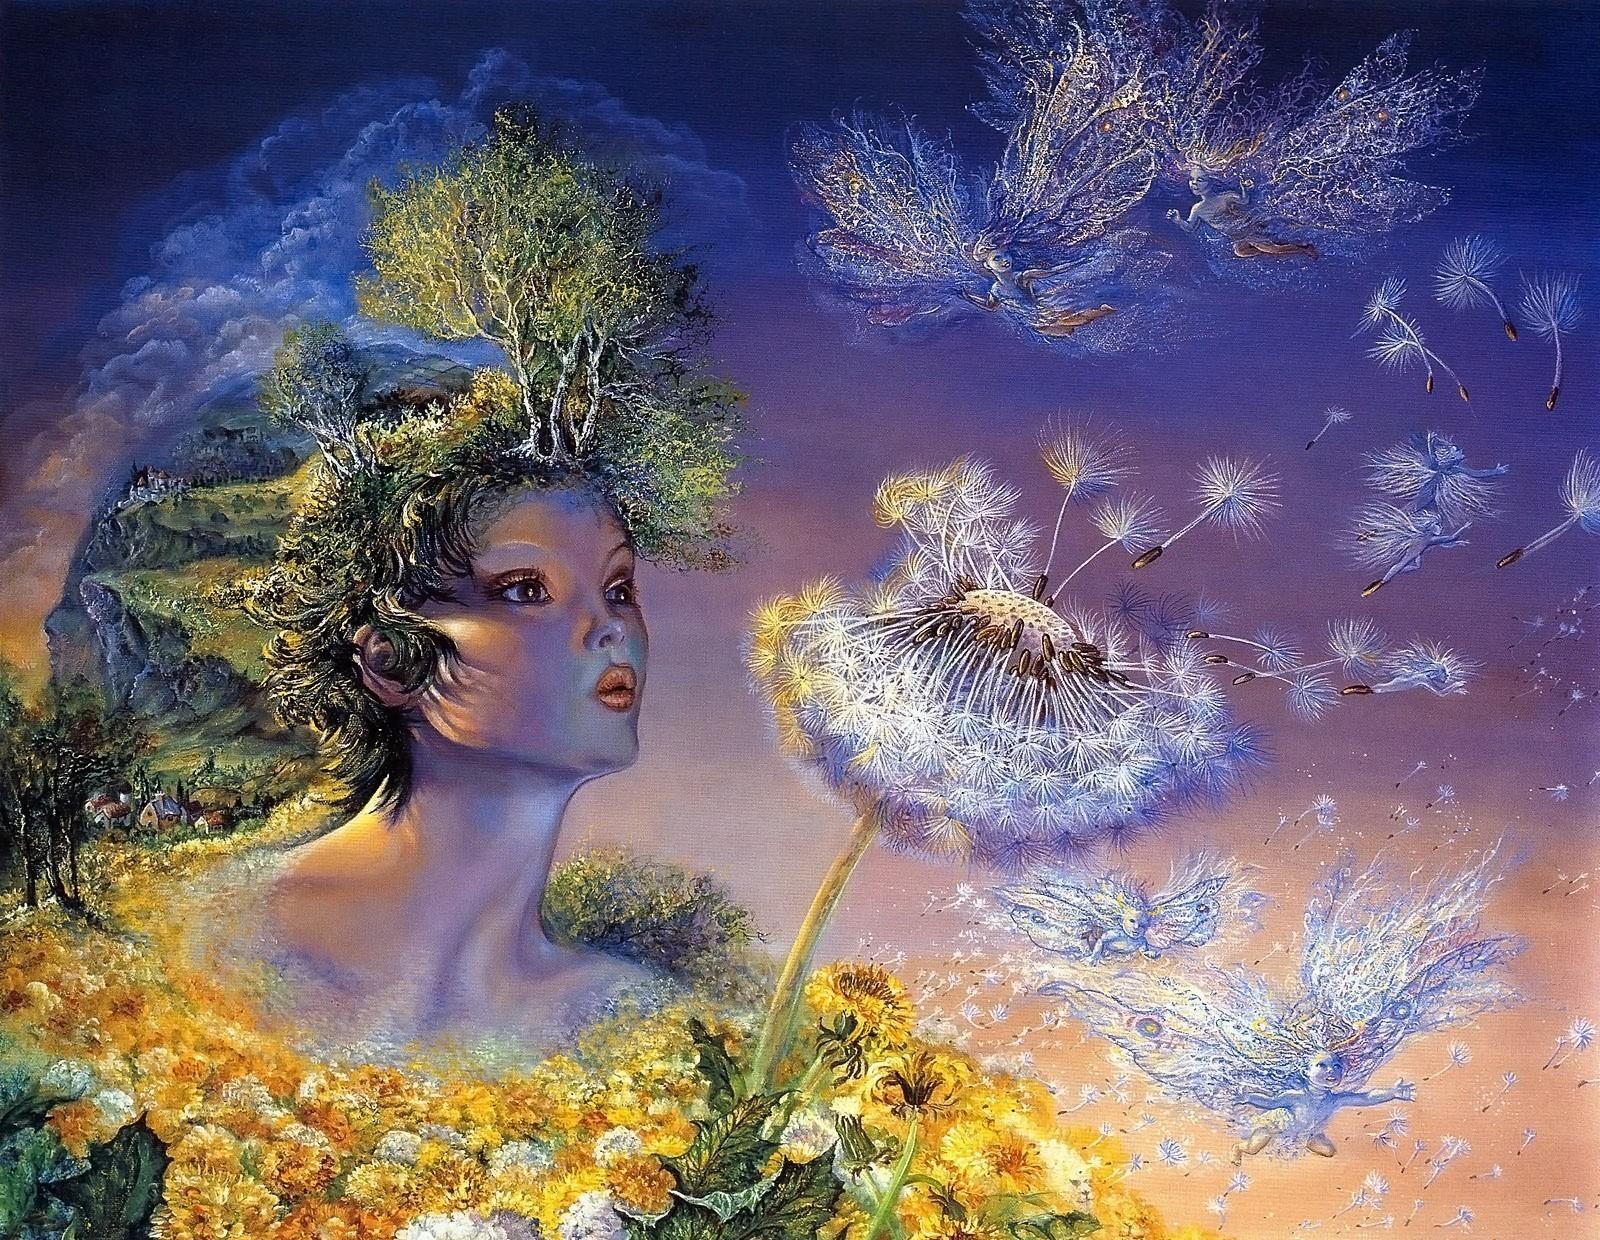 135088 Protetores de tela e papéis de parede Anjos em seu telefone. Baixe Anjos, Fantasia, Flor, Uma Vida, Vida, Respiração, Deusa fotos gratuitamente